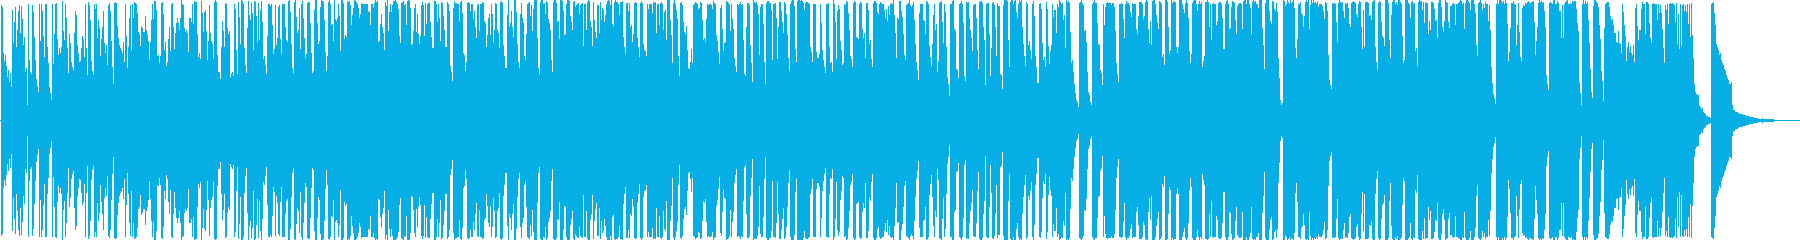 サックスと口笛が印象的Upテンポなジャズの再生済みの波形